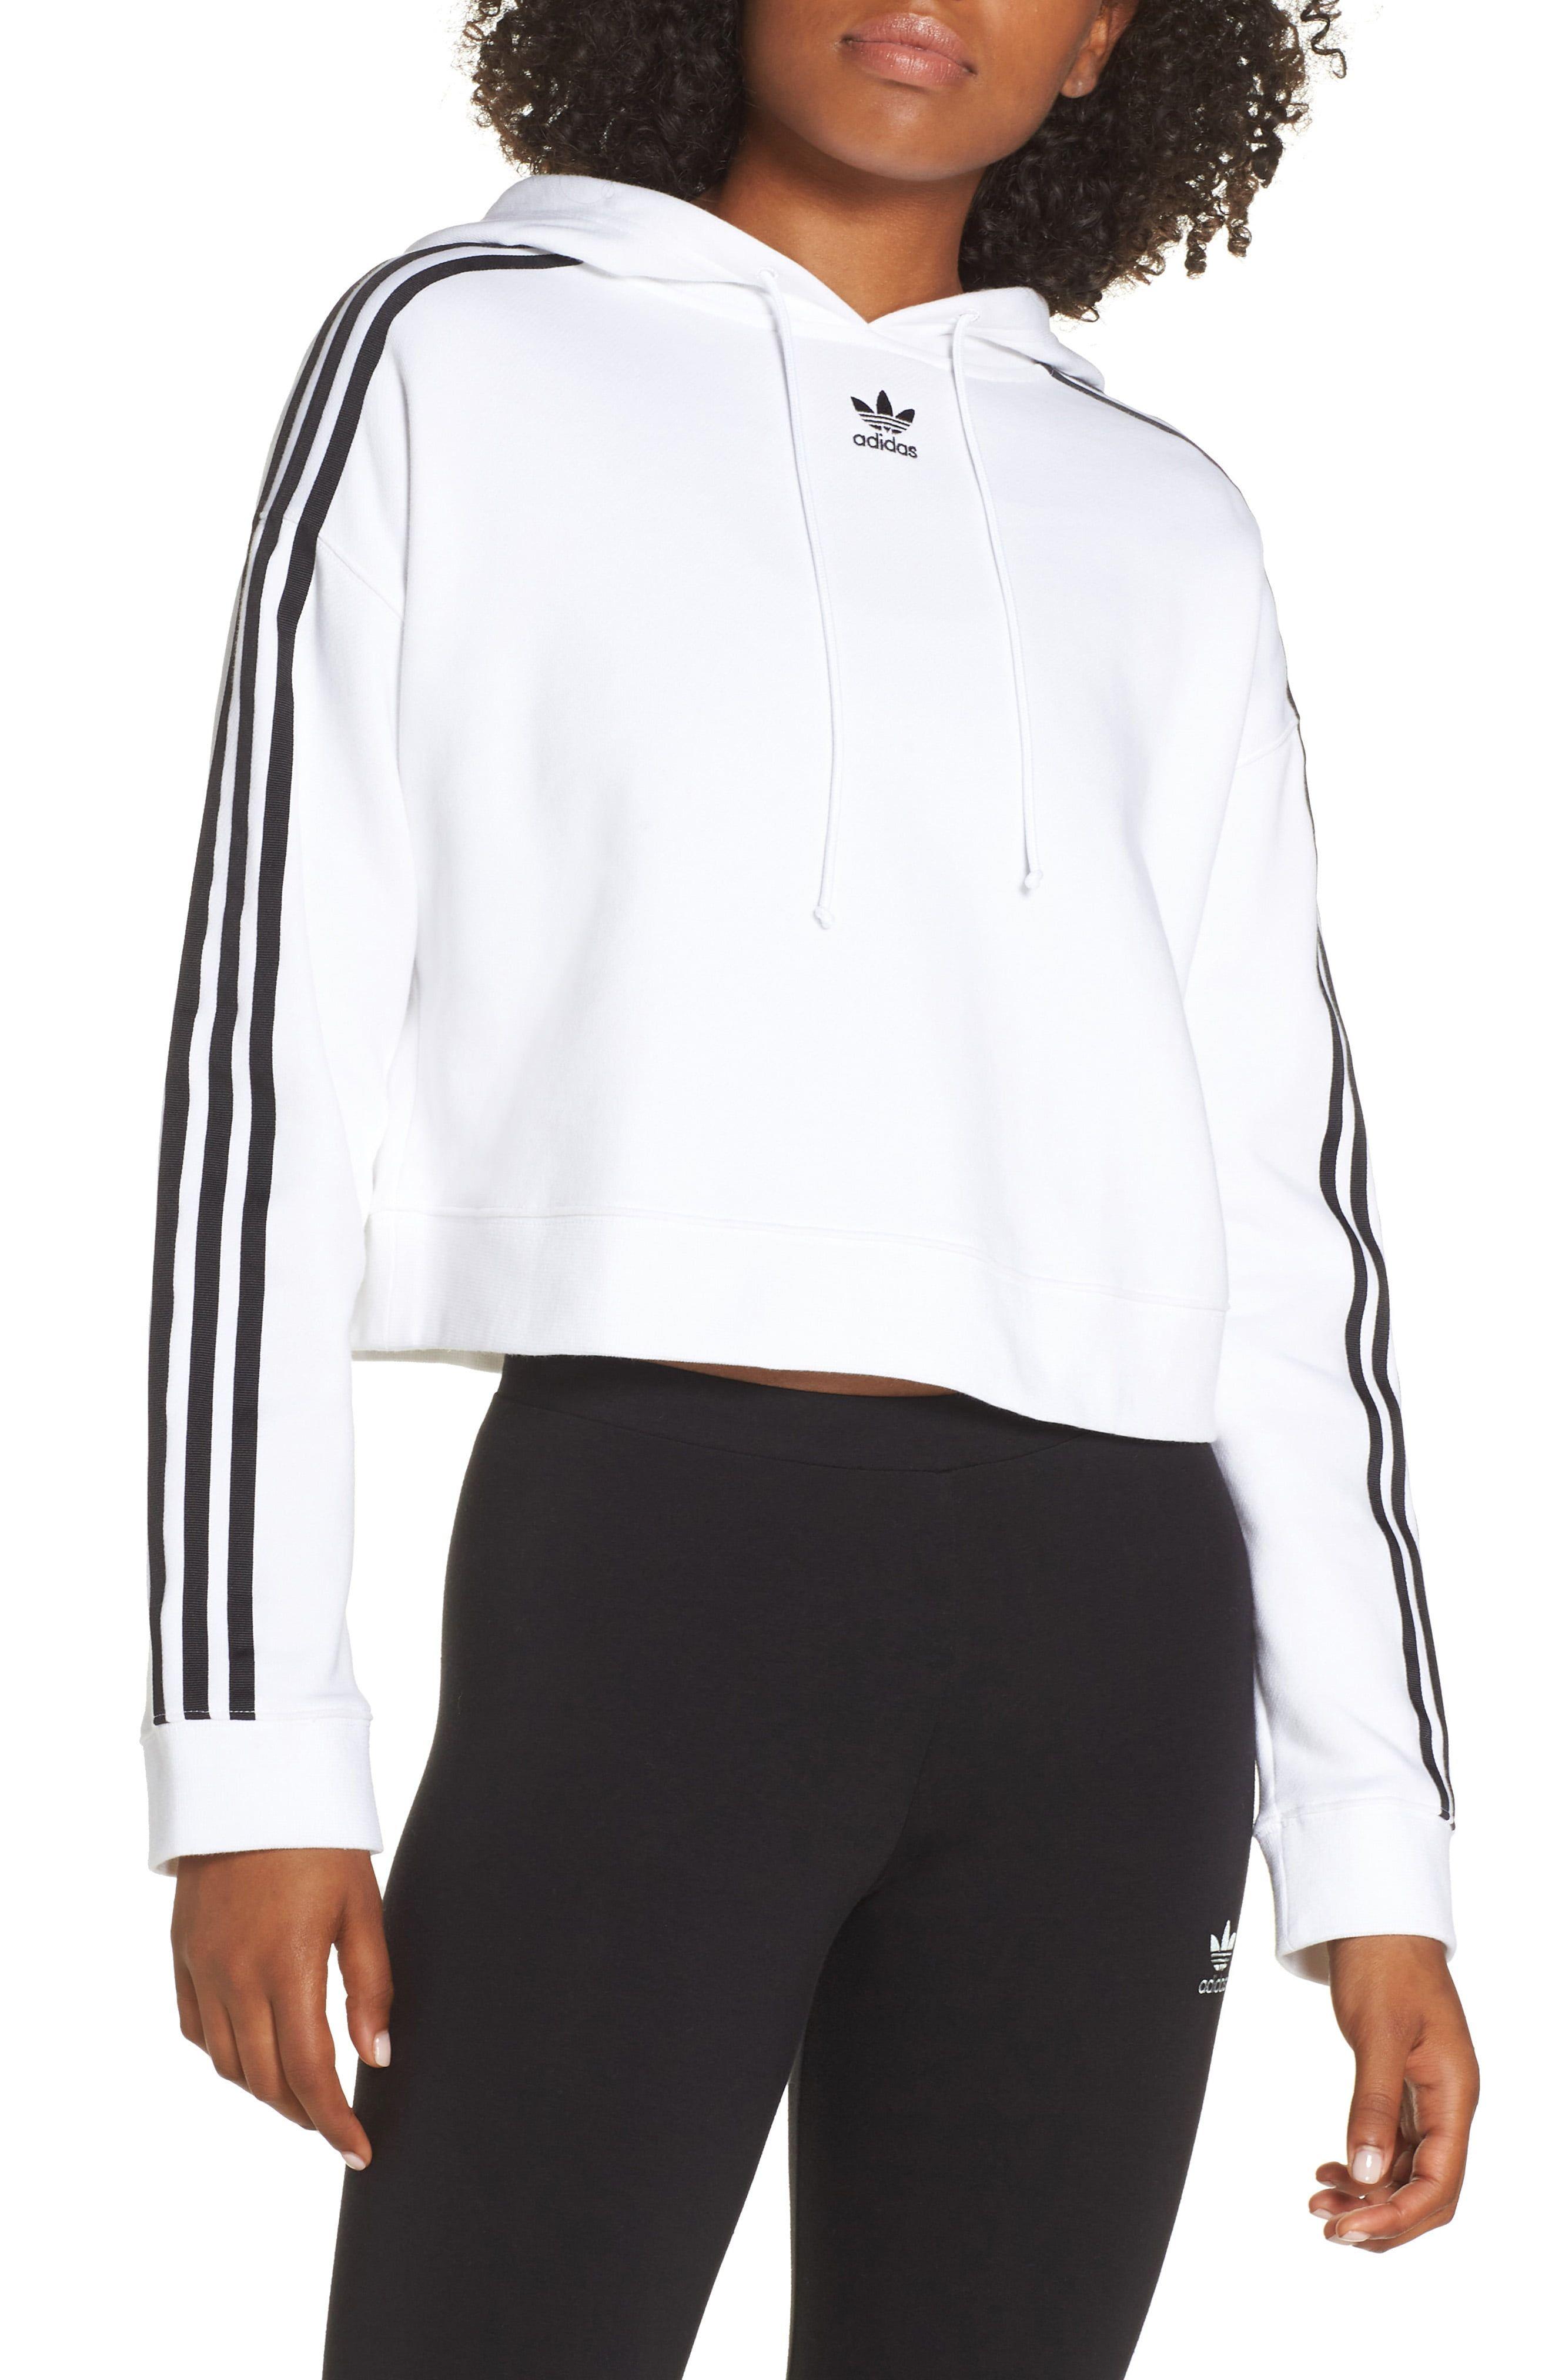 adidas Originals Crop Hoodie | Cropped hoodie, Adidas